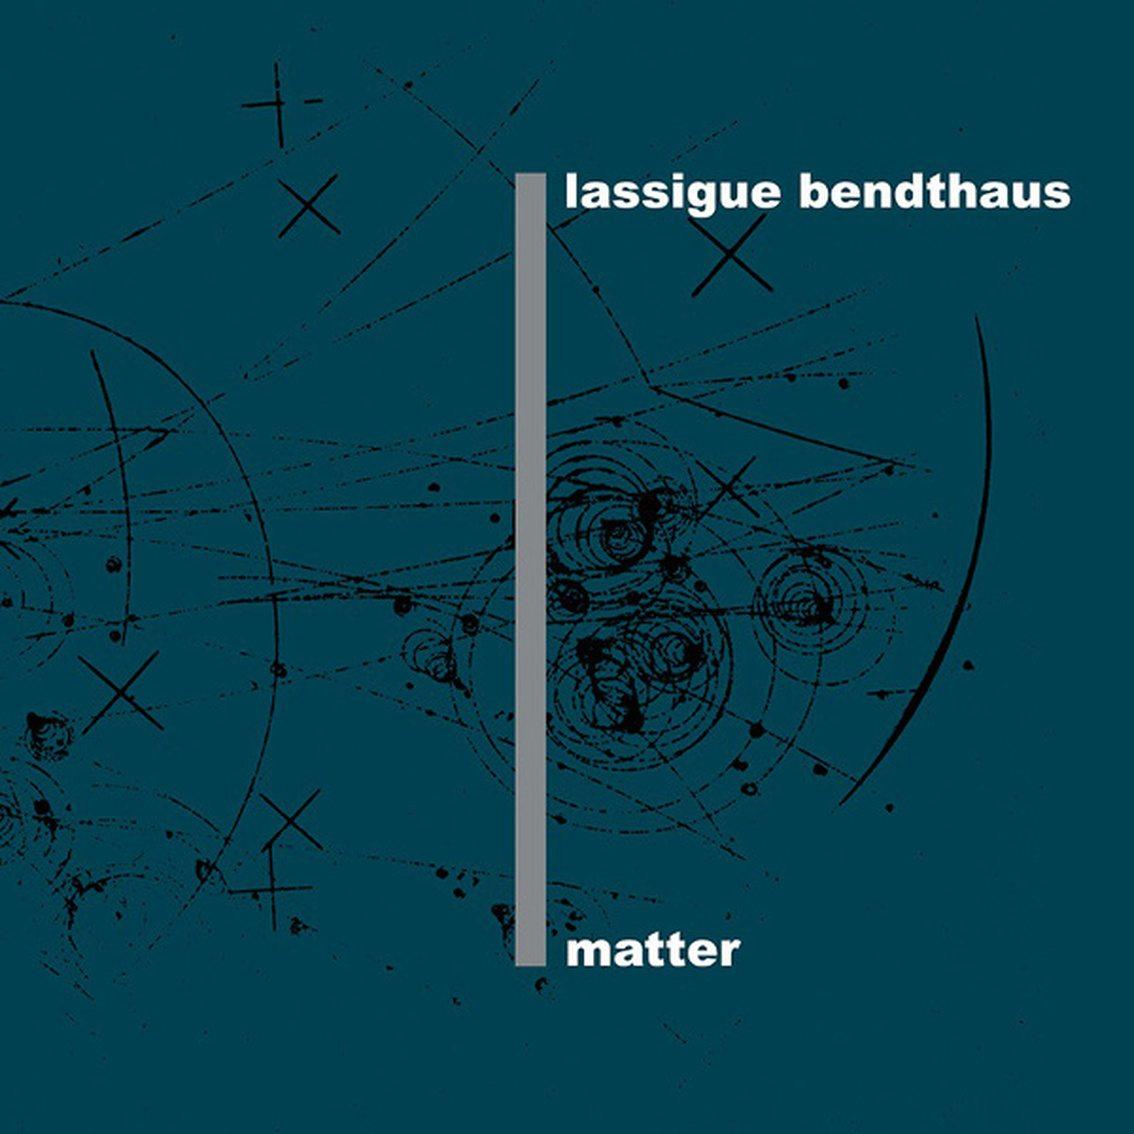 Lassigue Benthaus gets 1991 debut album'Matter' reissued as a 2CD set